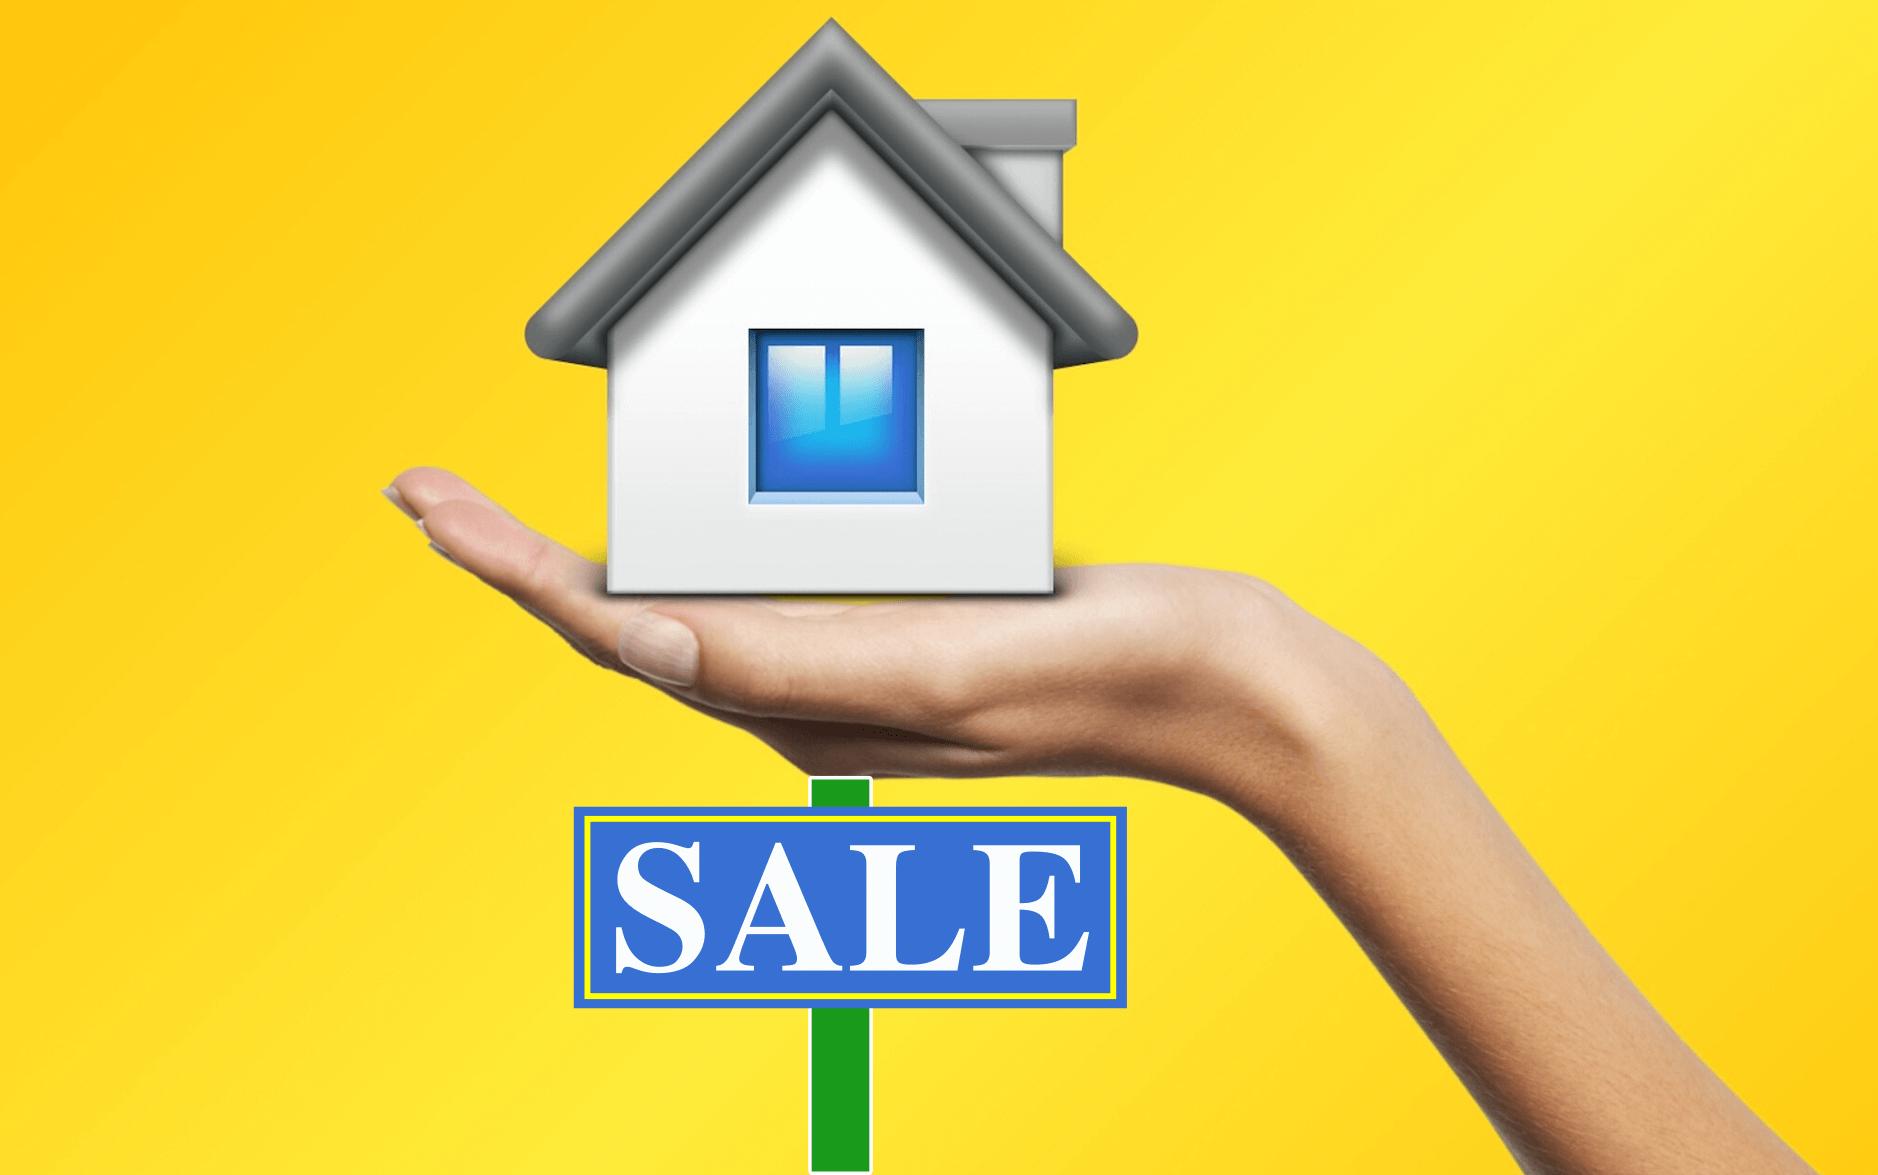 real-estate-marketing-ideas-seoindia